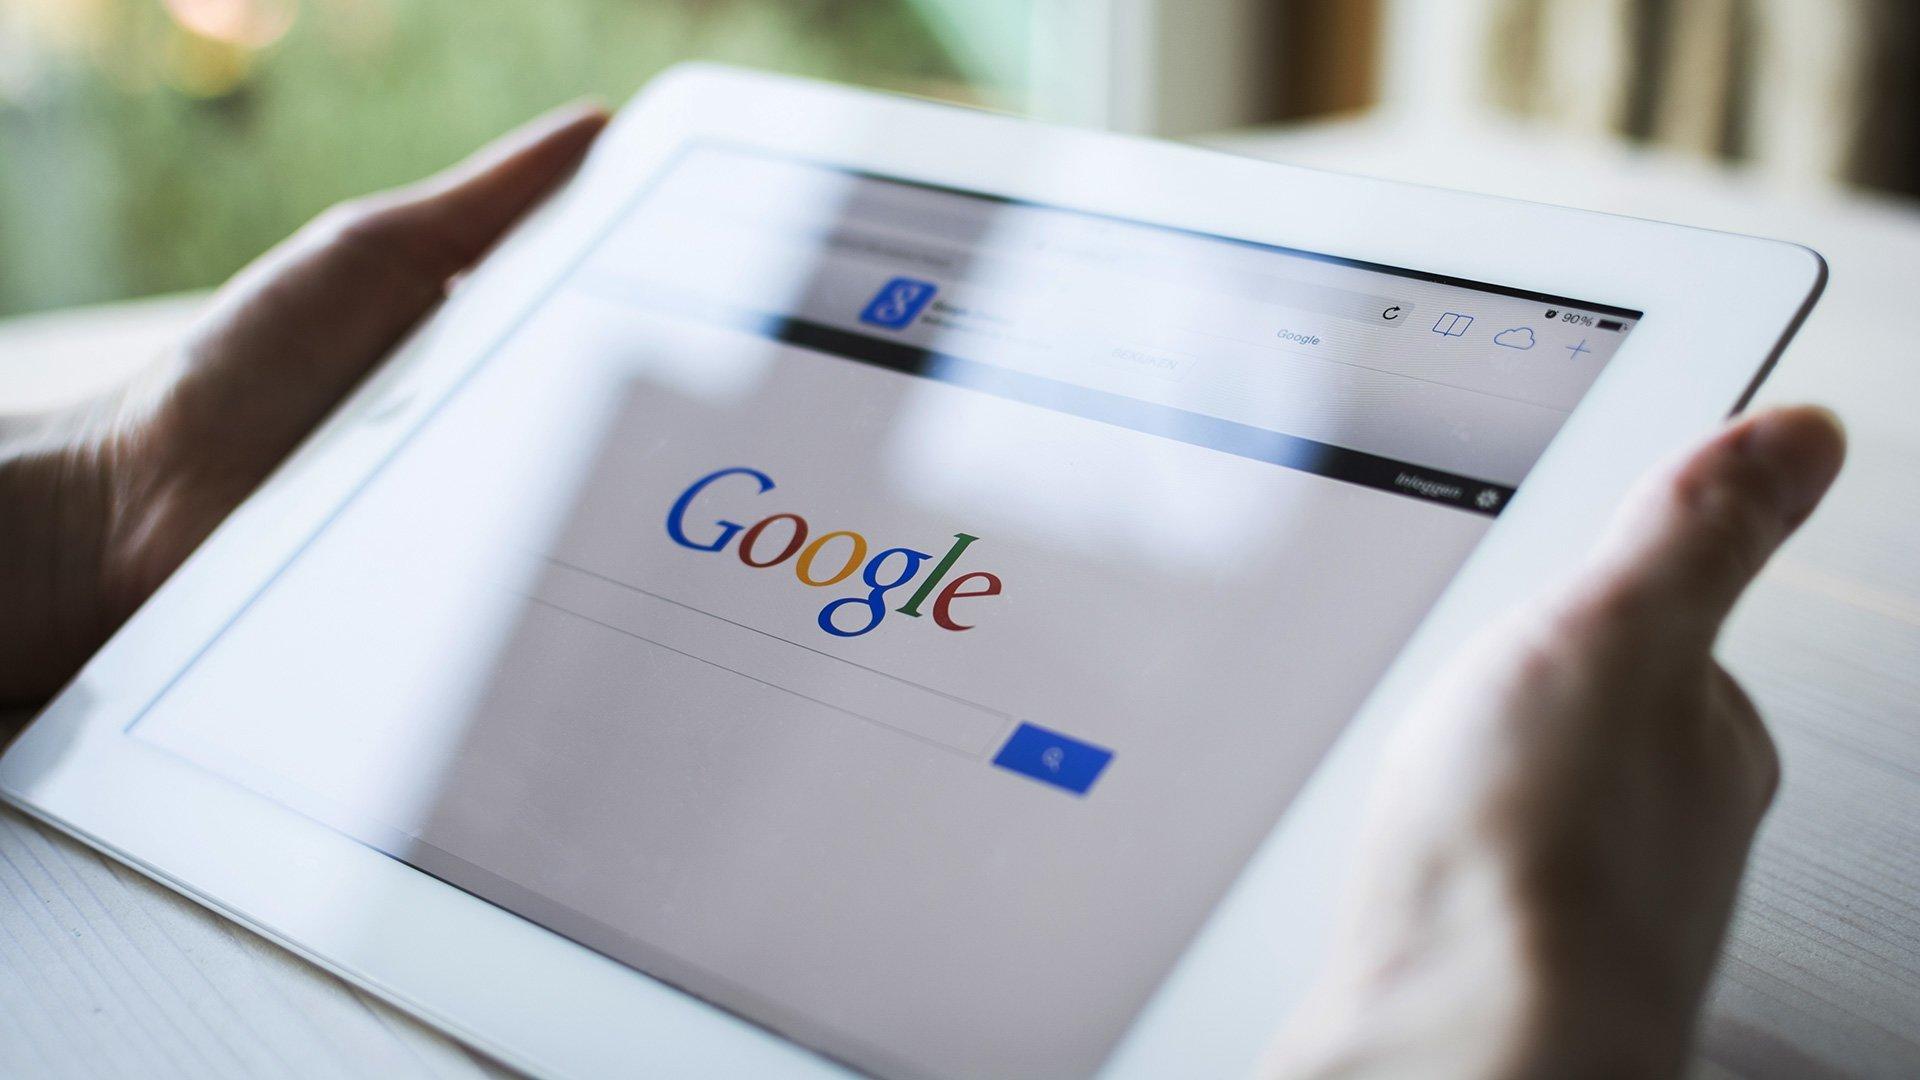 Seu site é responsivo? Entenda porque deve ser, e as mudanças no Google.